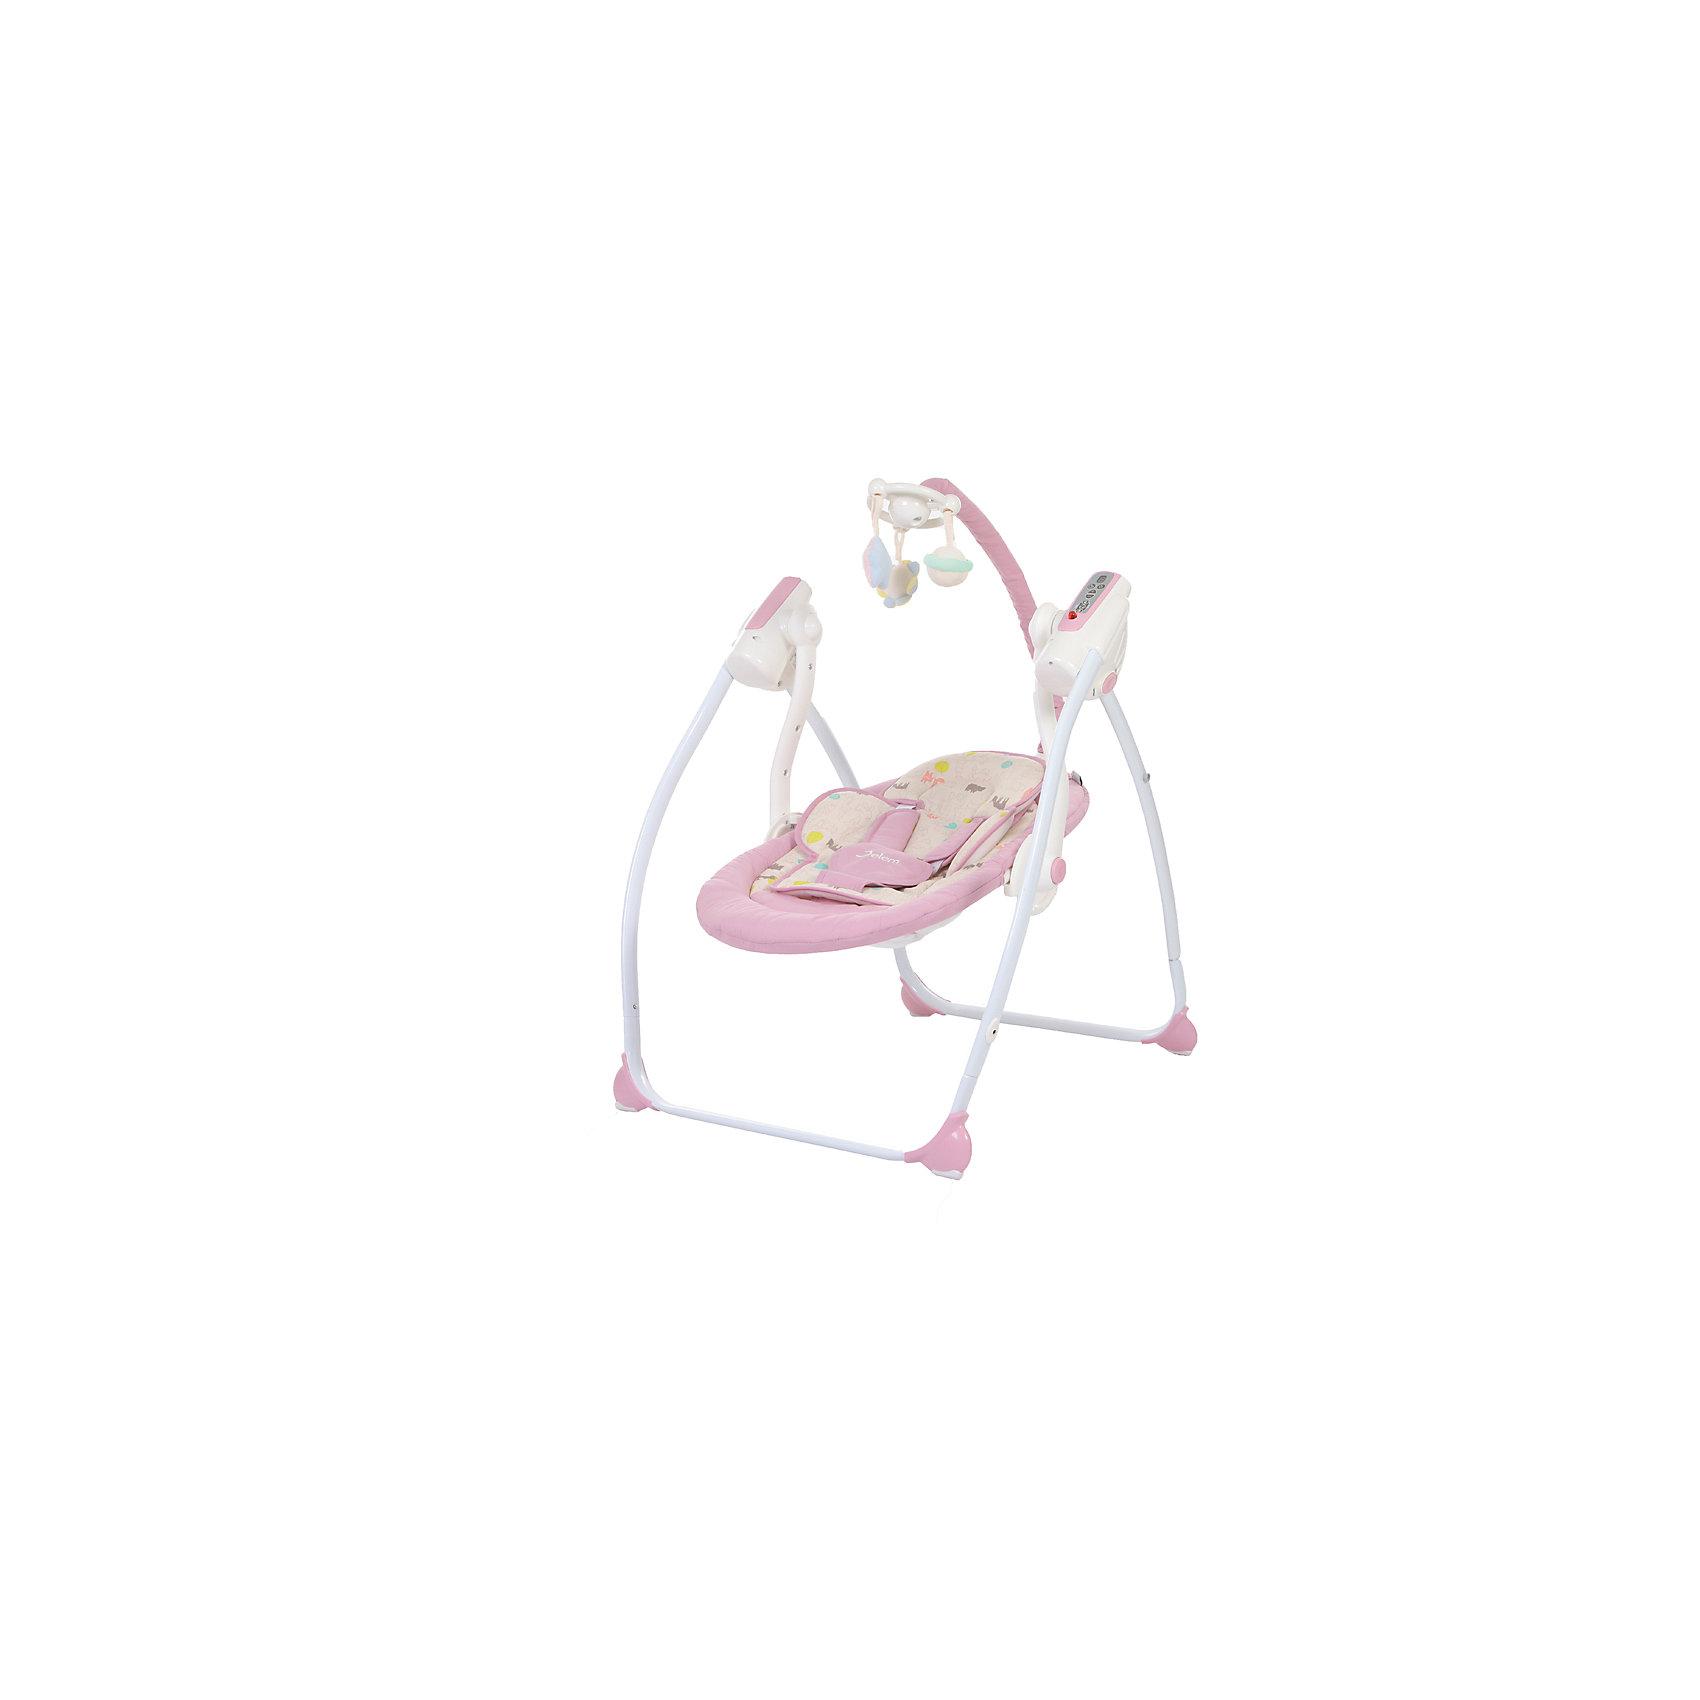 Электрокачели Breeze с адаптером, Jetem, светло-фиолетовыйКачели электронные<br>Характеристики товара:<br><br>• возраст с рождения до 6 месяцев;<br>• максимальный вес ребёнка: 11 кг<br>• материал: алюминий, пластик, резина, текстиль<br>• наклон спинки в 2 положениях, включая лежачее;<br>• электронный блок с 9-ю мелодиями;<br>• индикатор заряда батареи<br>• дуга с подвесными игрушками;<br>• таймер на 10, 20 и 30 минут;<br>• индикатор уровня батареи;<br>• пульт управления работает от 4 батареек тип С (в комплект не входят);<br>• 5-ти точечные ремни безопасности;<br>• съемный чехол сидения<br>• аллюминиевый каркас оснащён резиновыми накладками<br><br>Электрокачели Jetem Breeze помогут убаюкать малыша. 9 колыбельных мелодий в памяти успокоят кроху. Дуга с игрушками станет для него отличным развлечением, он сможет наблюдать за игрушками, рассматривать, хватать их. Электронный блок управляется пультом дистанционного управления. Рама изготовлена из прочного облегченного алюминия. На ножках имеются резиновые накладки, не повреждающие напольное покрытие. Качели легко и компактно складываются для хранения дома или транспортировки. <br><br>Размер в разложенном виде 105х65х70 см<br>Размер в сложенном виде 105х65х25 см<br>Расстояние от пола до сидения 20 см<br>Размеры сидения 70х40 см<br>Вес электрокачелей 4,9 кг<br>Размер упаковки 72х41х17 см<br>Вес упаковки 6 кг<br><br>Комплектация:<br><br>• качели;<br>• дуга с игрушками;<br>• электронный блок;<br>• пульт ДУ;<br>• сетевой адаптер.<br><br>Электрокачели Jetem Breeze с адаптером фиолетовые можно приобрести в нашем интернет-магазине.<br><br>Ширина мм: 720<br>Глубина мм: 410<br>Высота мм: 160<br>Вес г: 6000<br>Возраст от месяцев: 3<br>Возраст до месяцев: 6<br>Пол: Унисекс<br>Возраст: Детский<br>SKU: 5493370